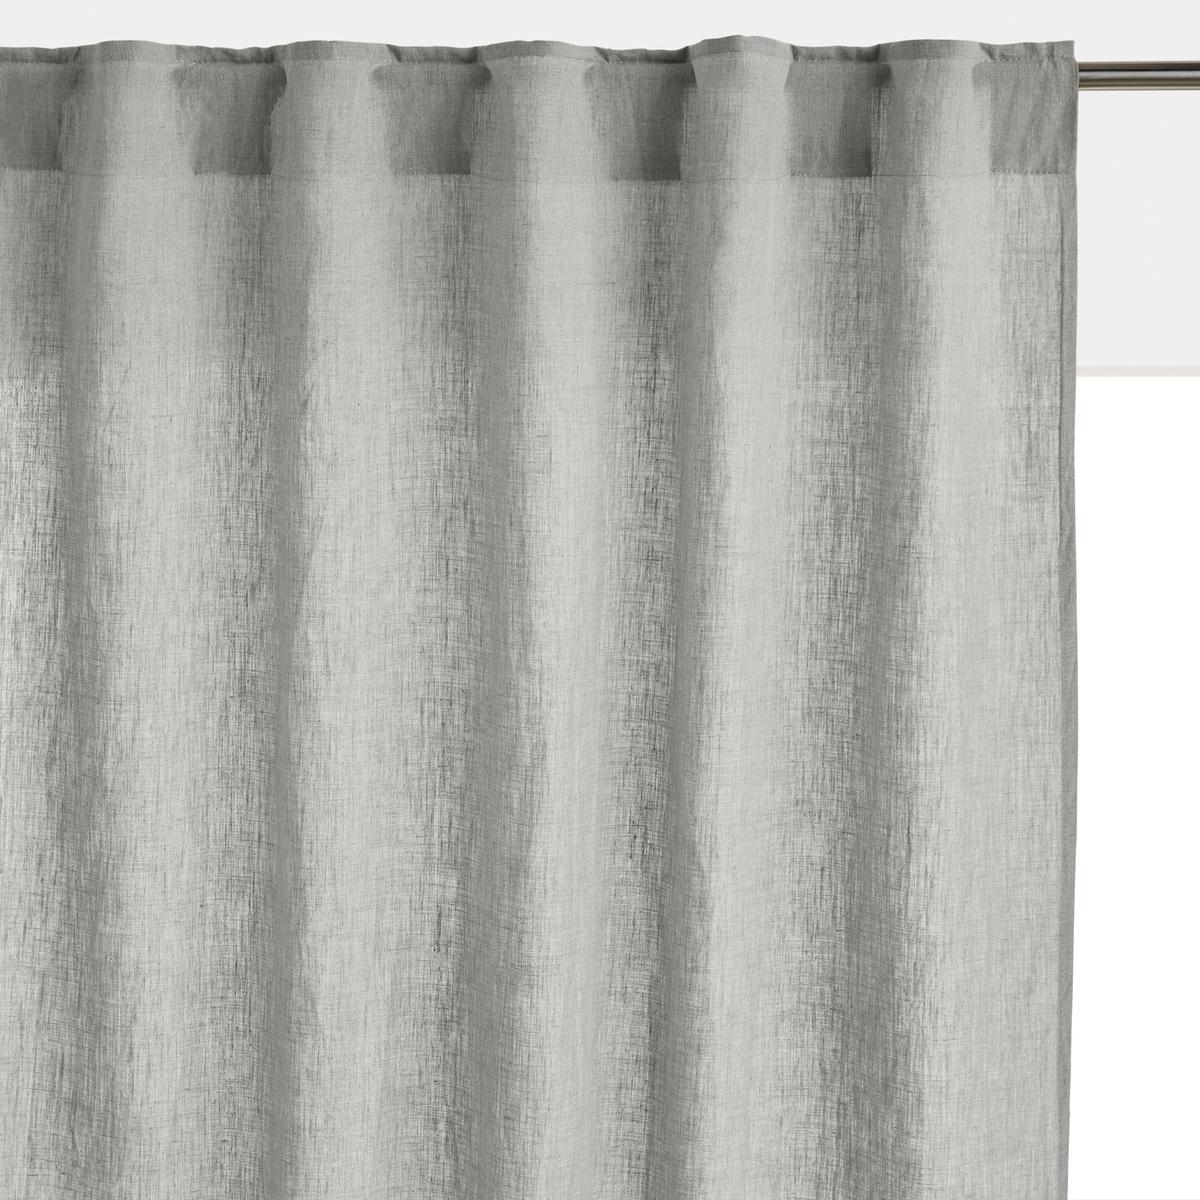 Занавеска LaRedoute Из 100 осветленного льна с потайными клапанами Onega 350 x 135 см серый